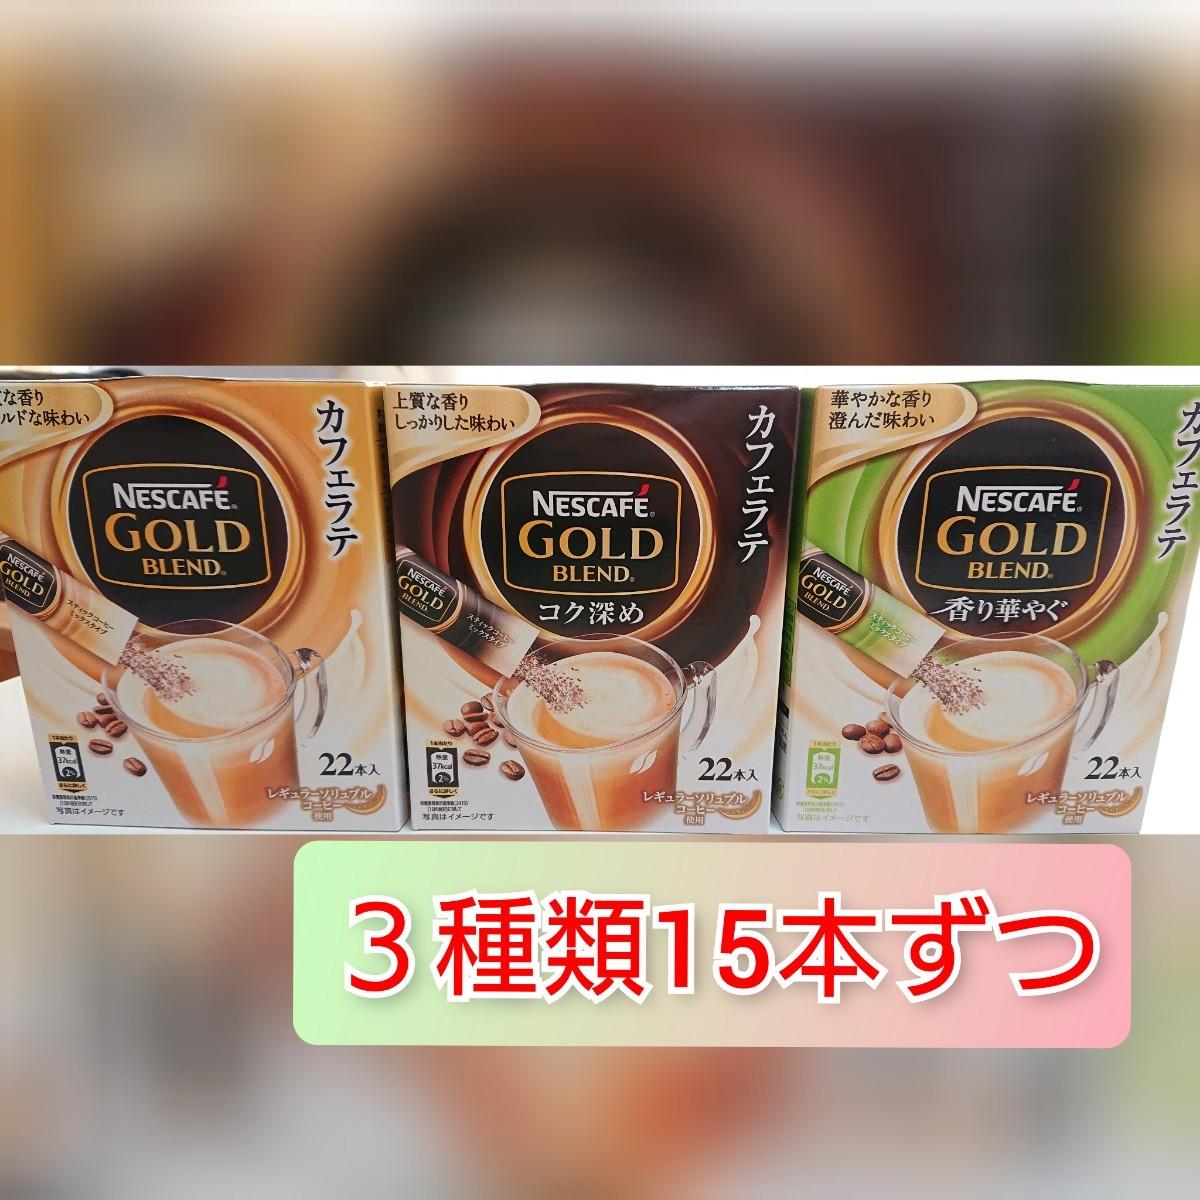 ネスカフェ ゴールドブレンド カフェラテ 3種類 15本ずつ